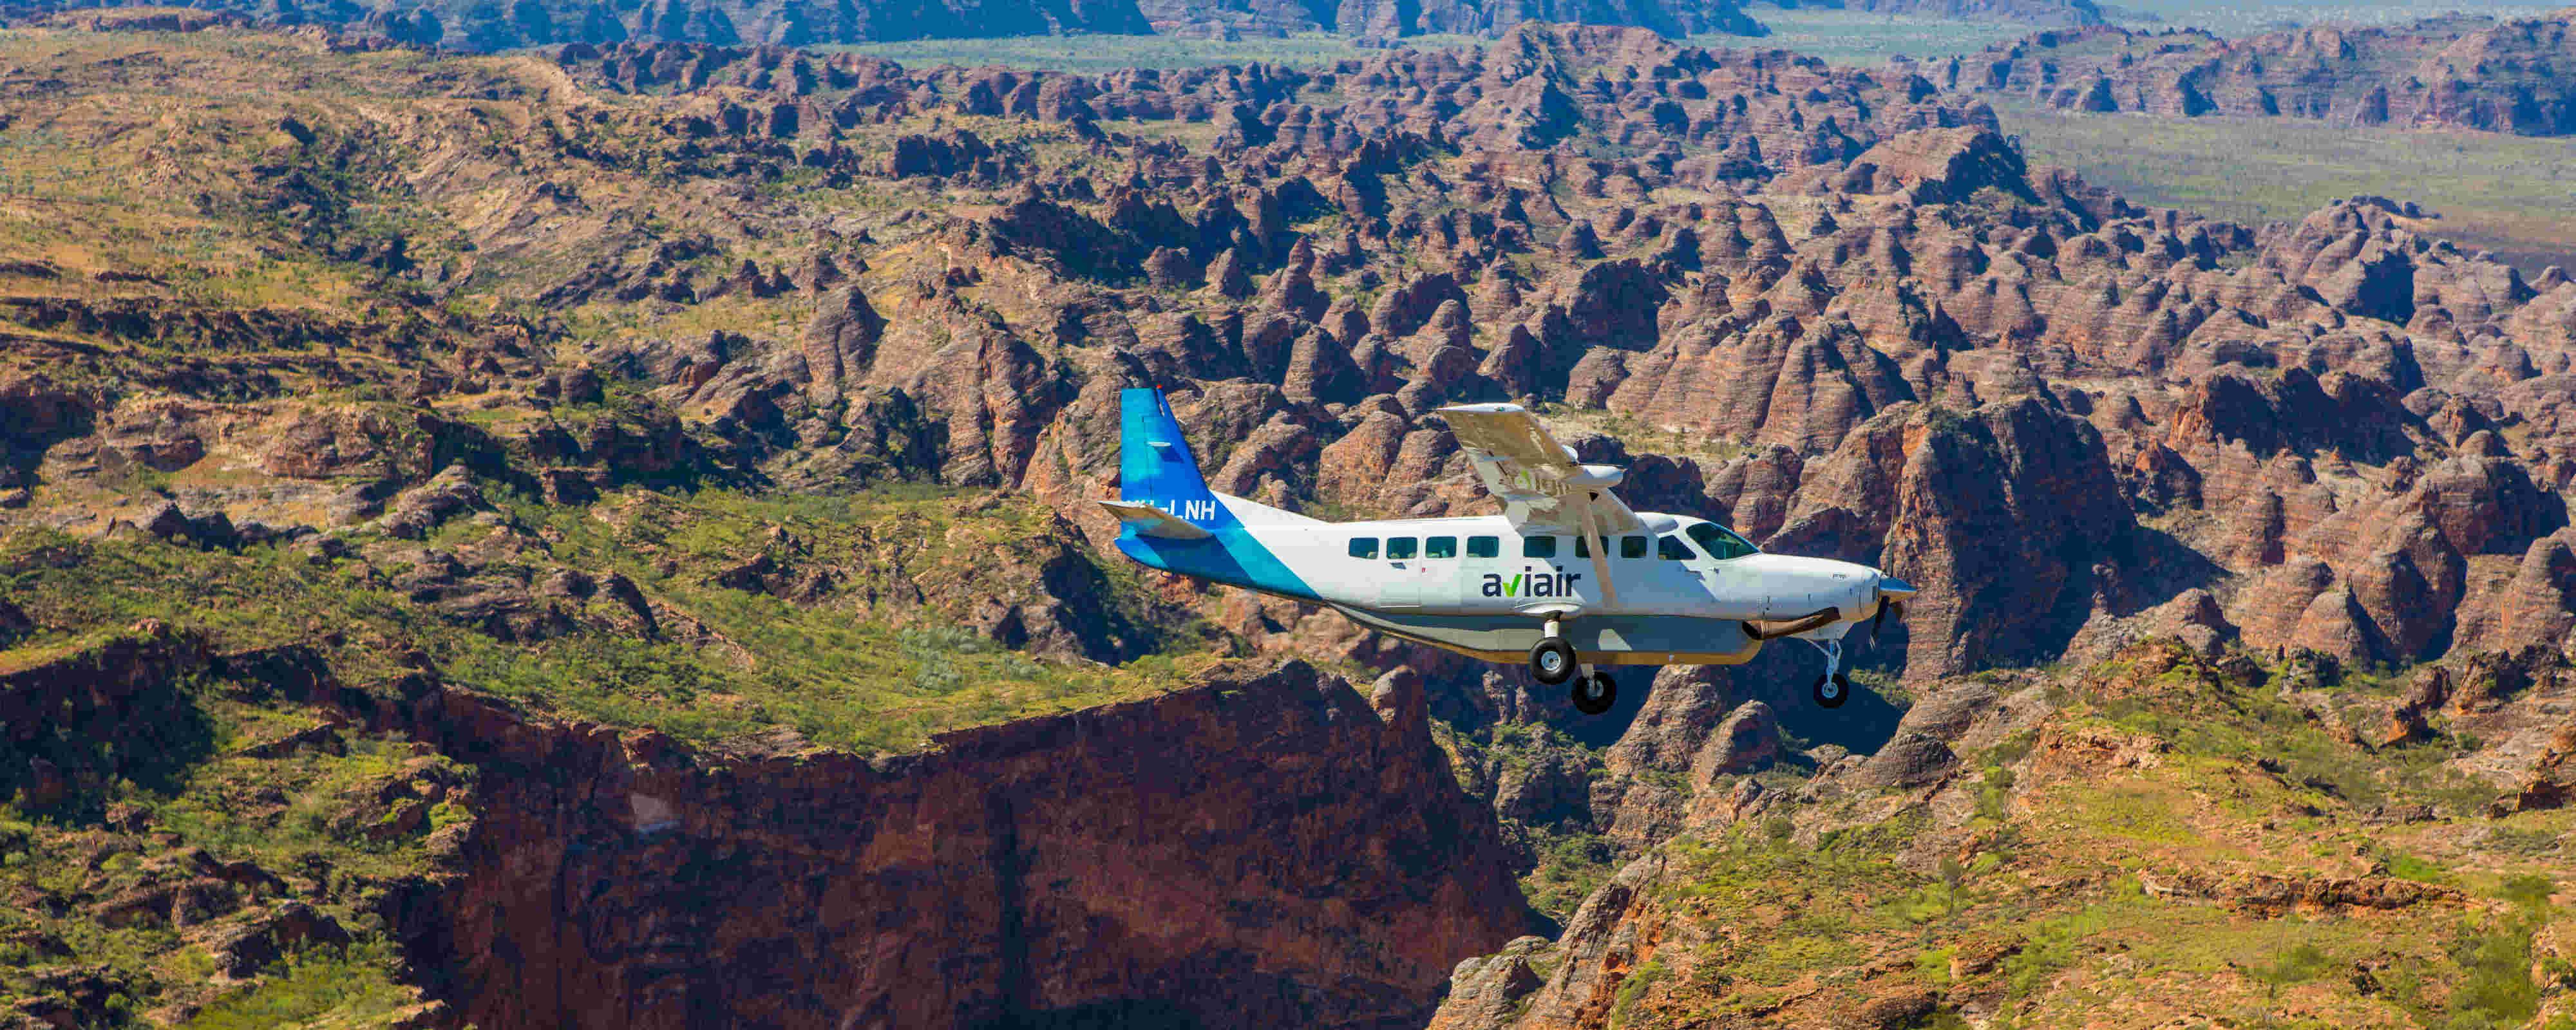 Air Tours BBGT